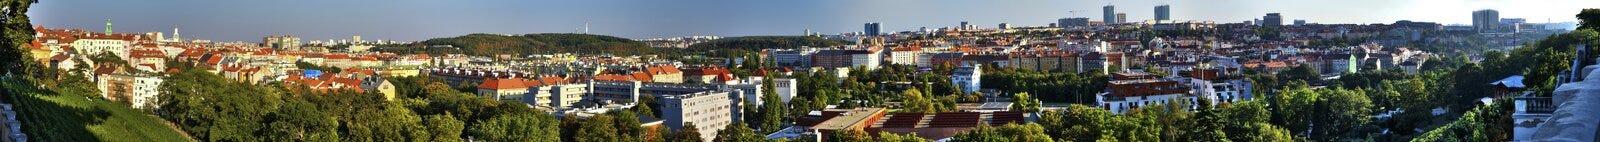 Largamente panoramico su paesaggio urbano di Praga, su area di Nusle e di Vinohrady, dal parco popolare di Havlicek fotografia stock libera da diritti